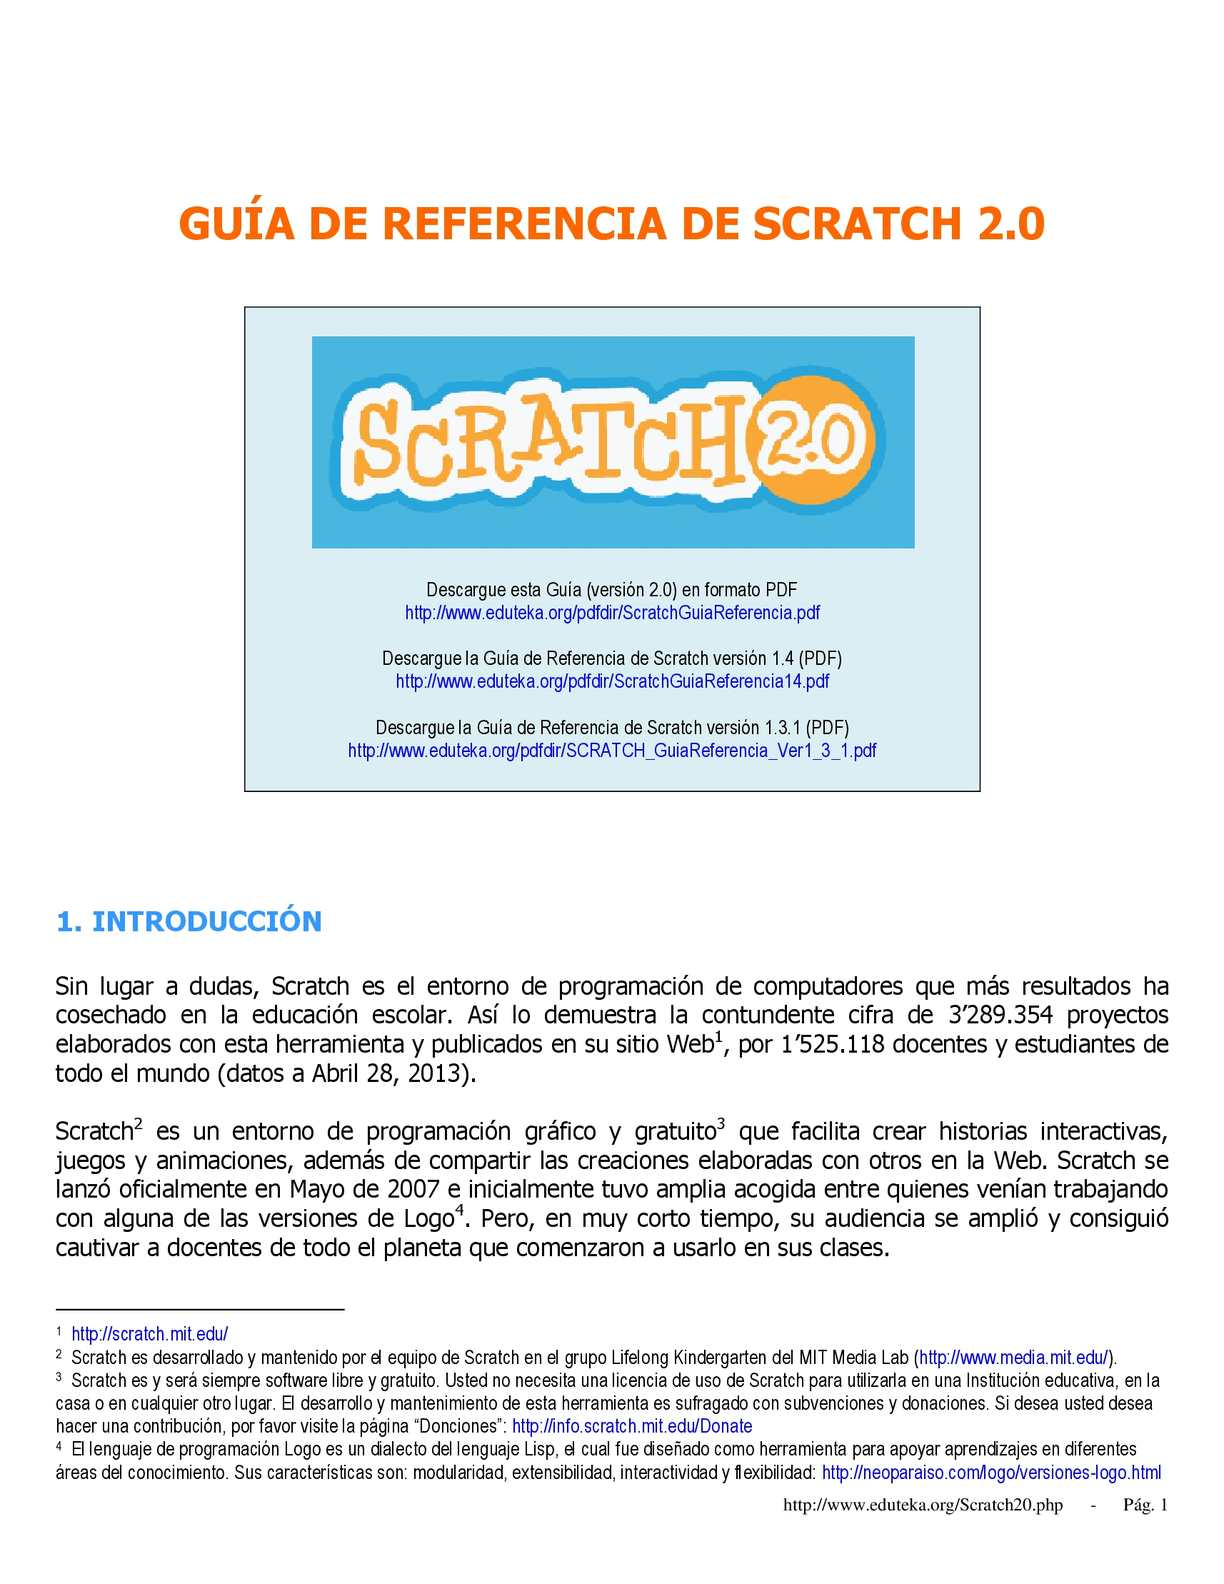 scratch 2.0 tutorial pdf